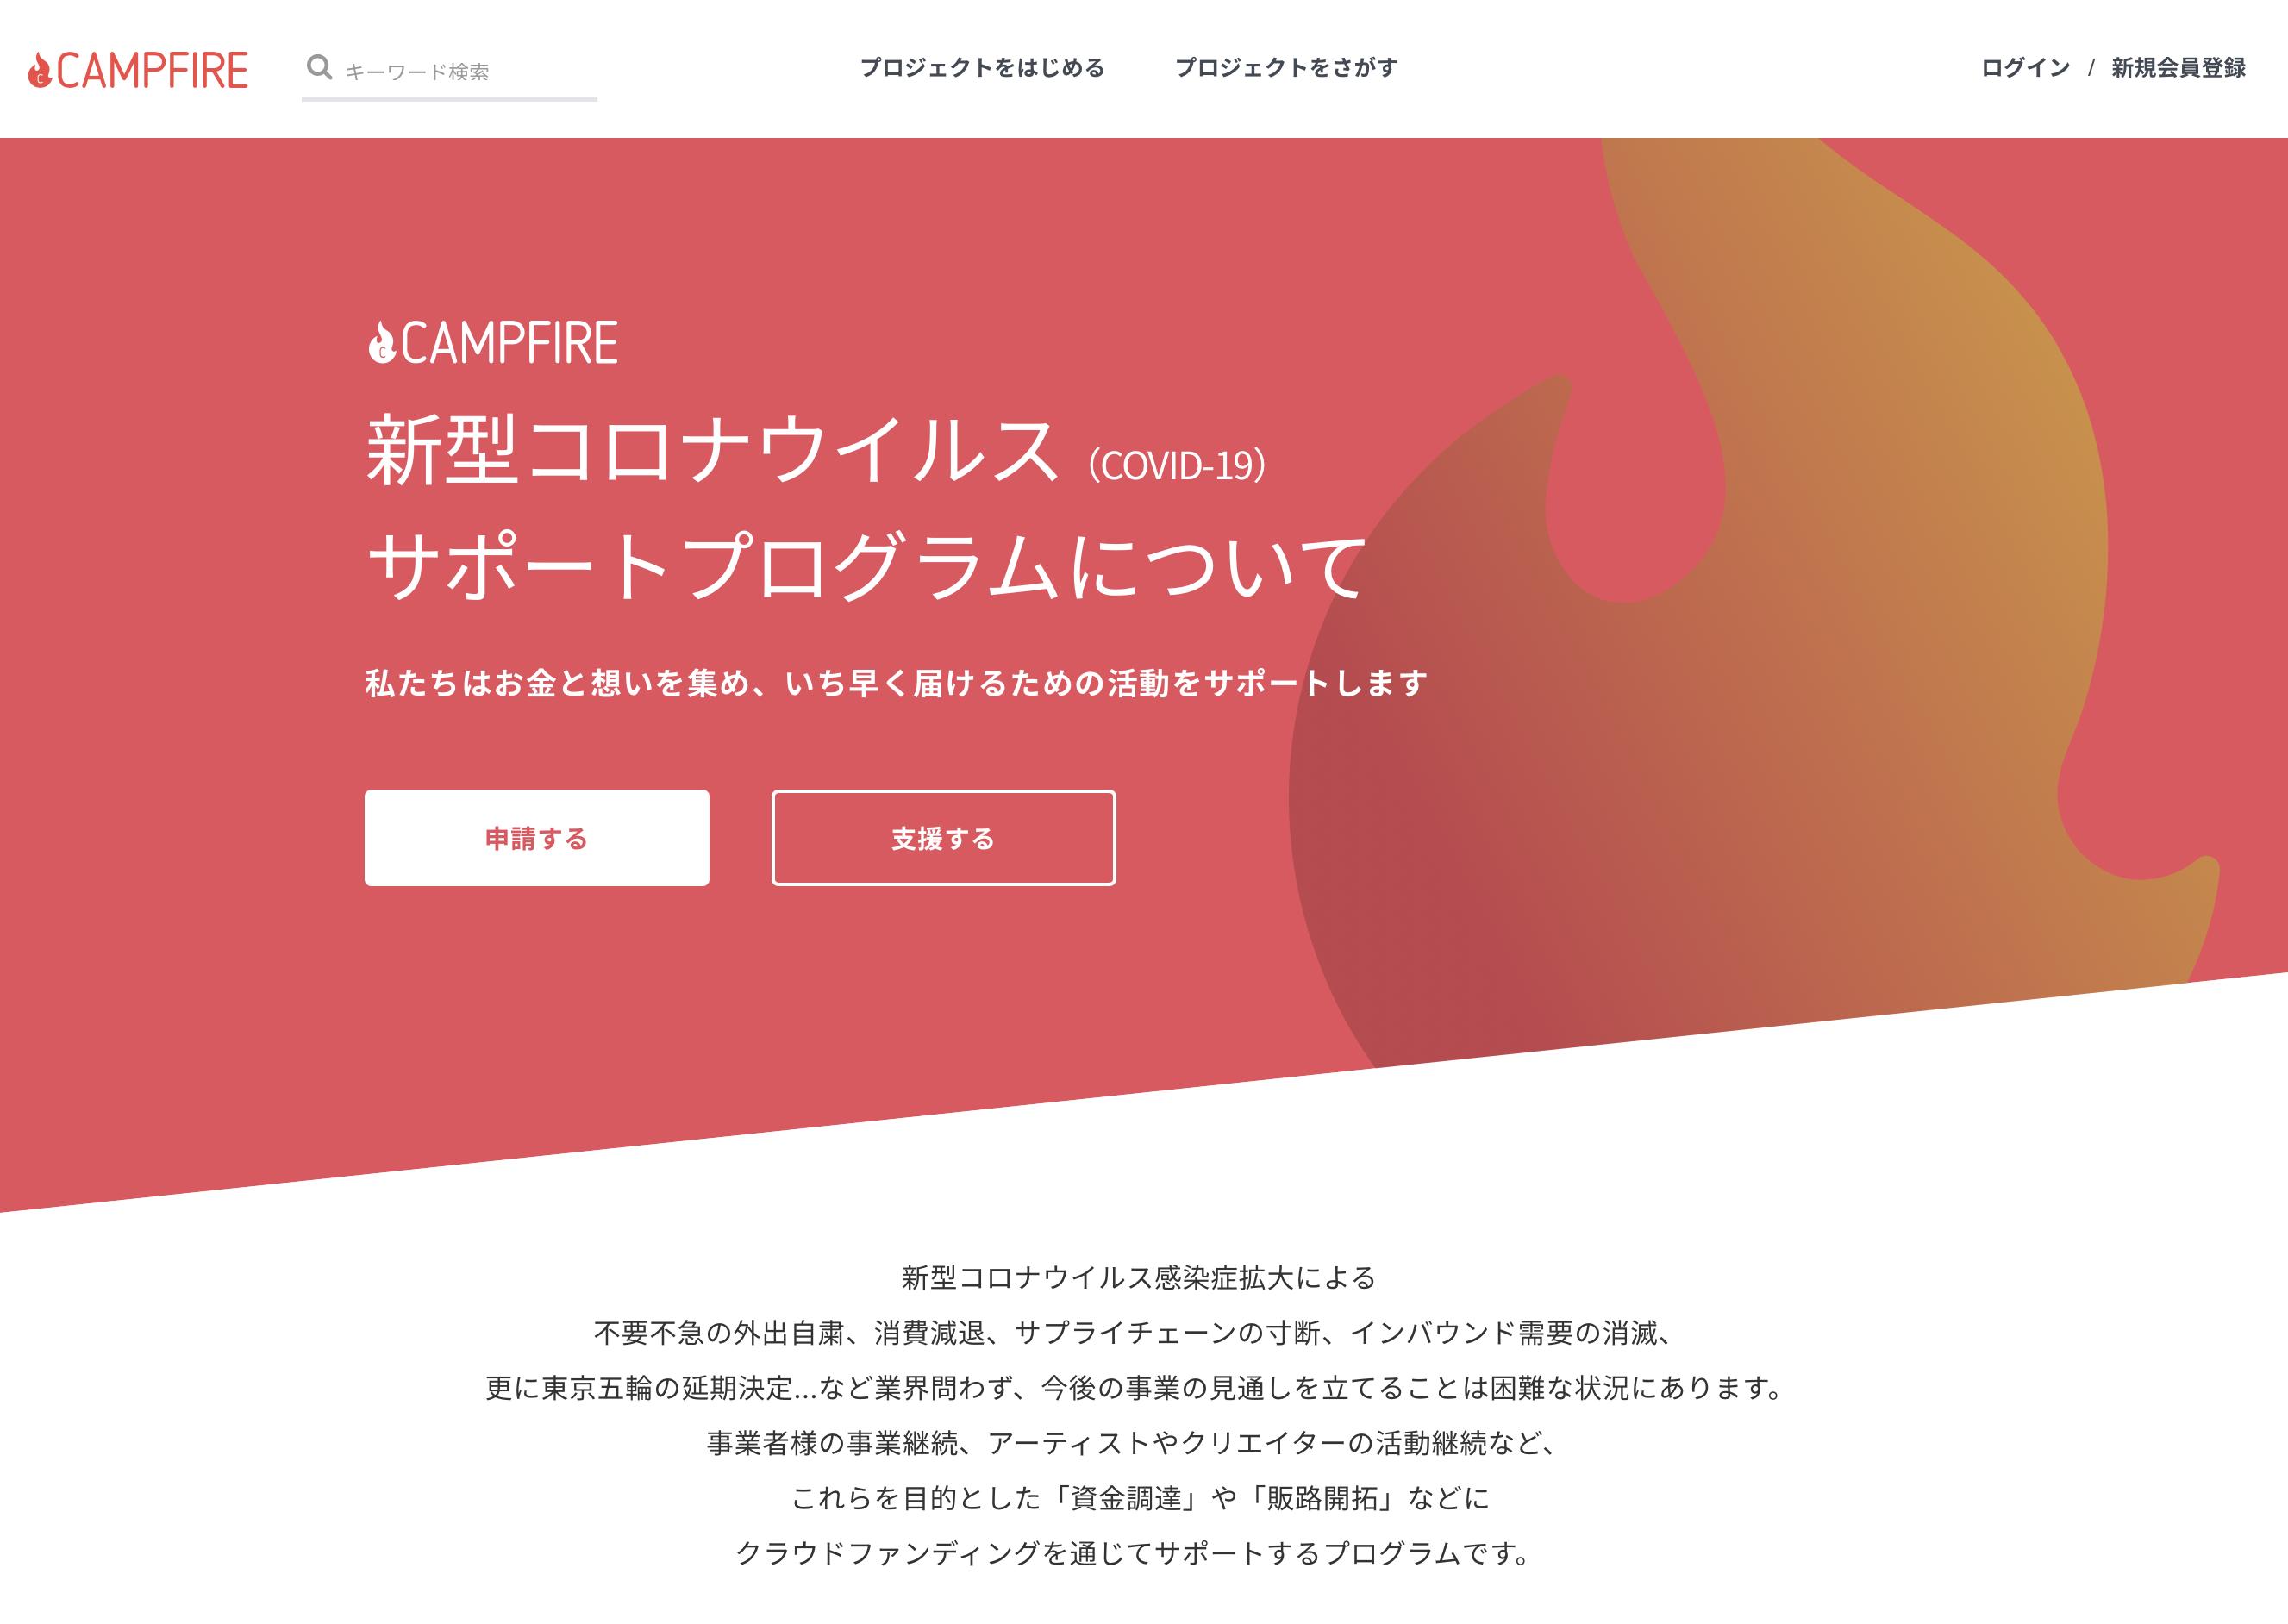 CAMPFIRE キャンプファイヤー|経済対策サポートプログラム